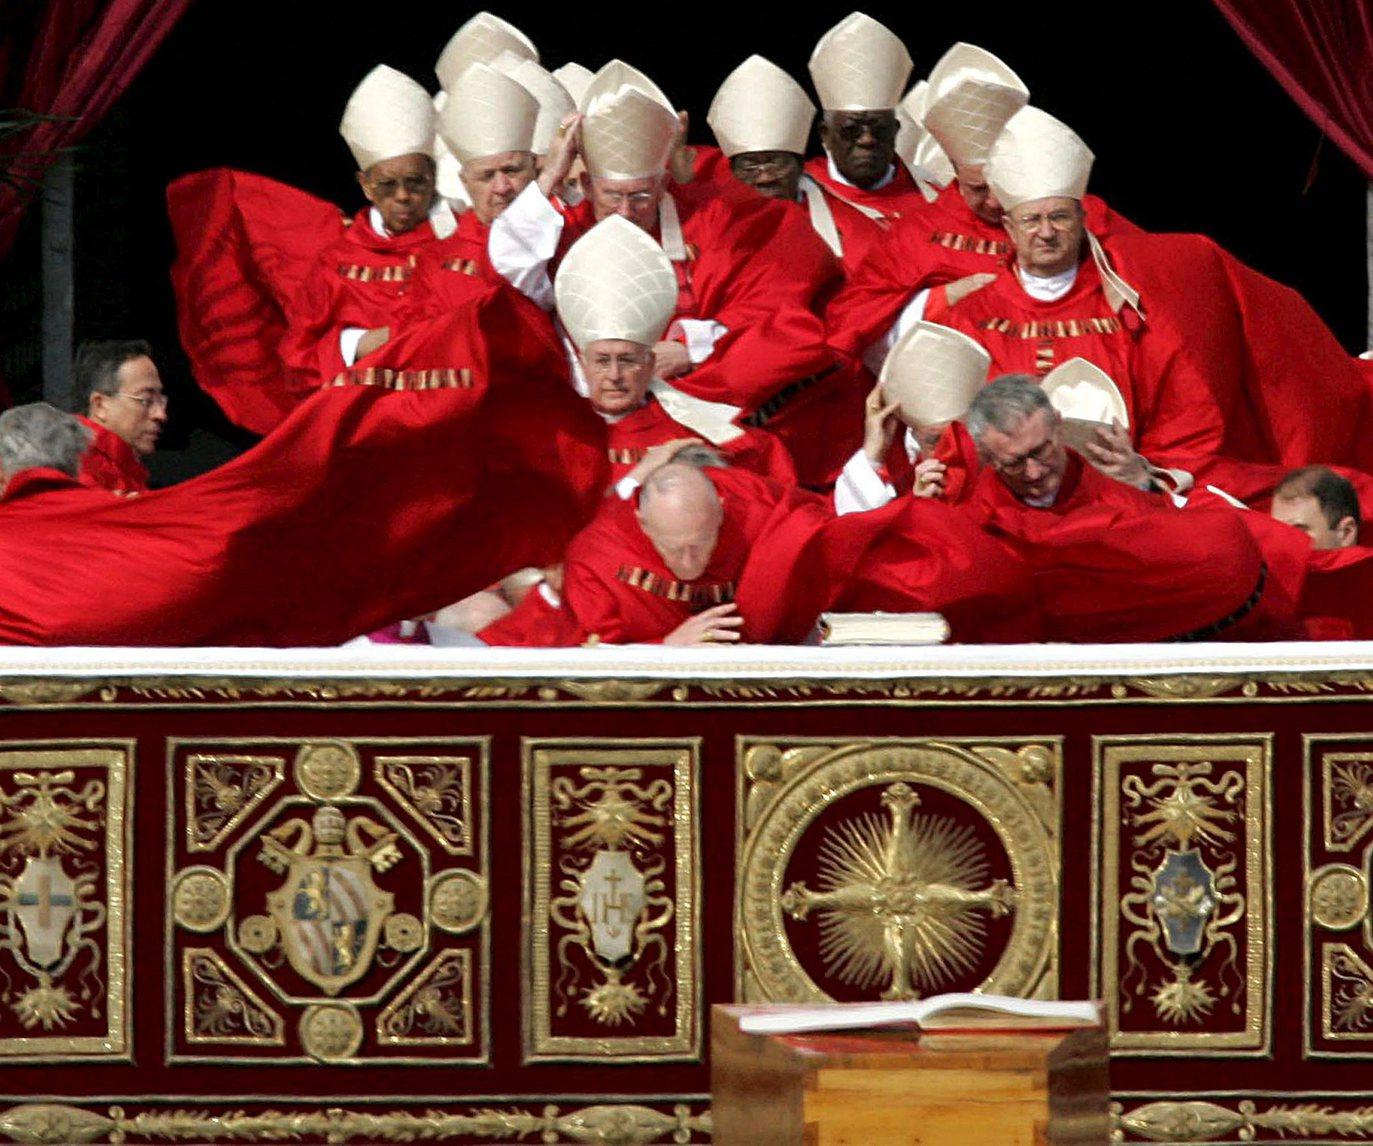 Erős szél lobogtatja a bíborosok palástját, amikor elfoglalják helyüket II. János Pál pápa temetési szertartásán a vatikáni Szent Péter téren 2005. április 8-án. A 84 éves korában, április 2-án elhunyt római katolikus egyházfőt a vatikáni Szent Péter-székesegyház altemplomában helyezték végső nyugalomra (MTI/EPA/Maurizio Brambatti)